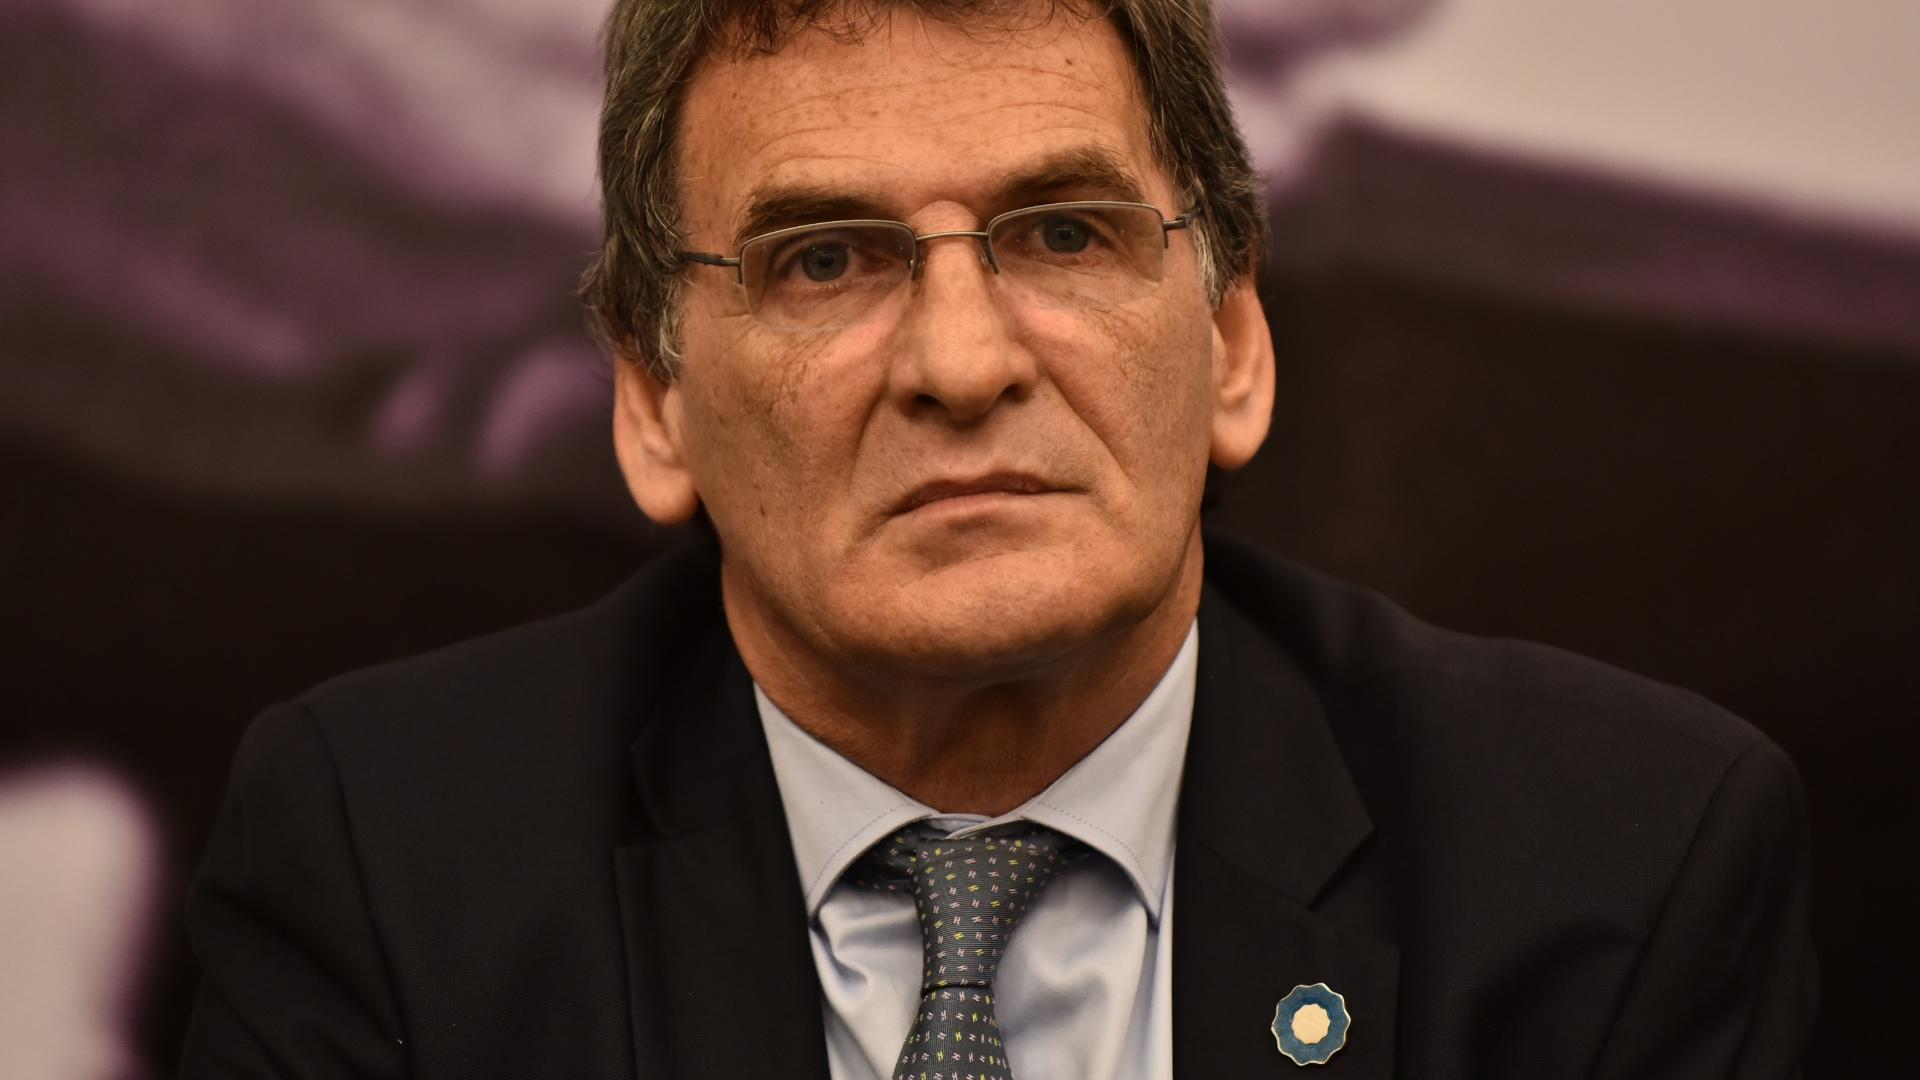 El secretario de Derechos Humanos Claudio Avruj también se mostró en contra (Adrián Escandar)